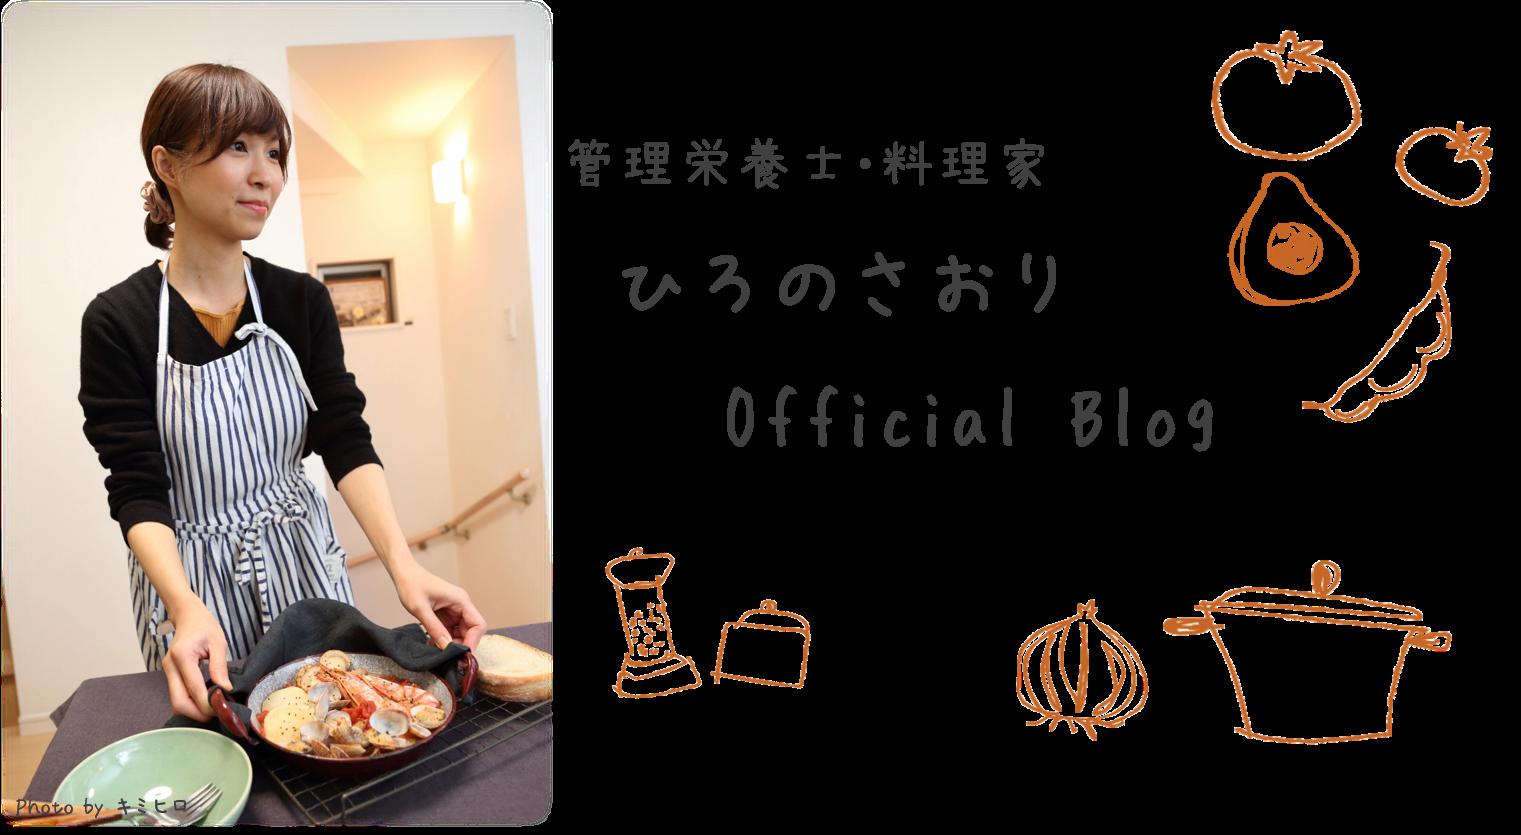 管理栄養士・料理家 ひろのさおり  オフィシャルブログ